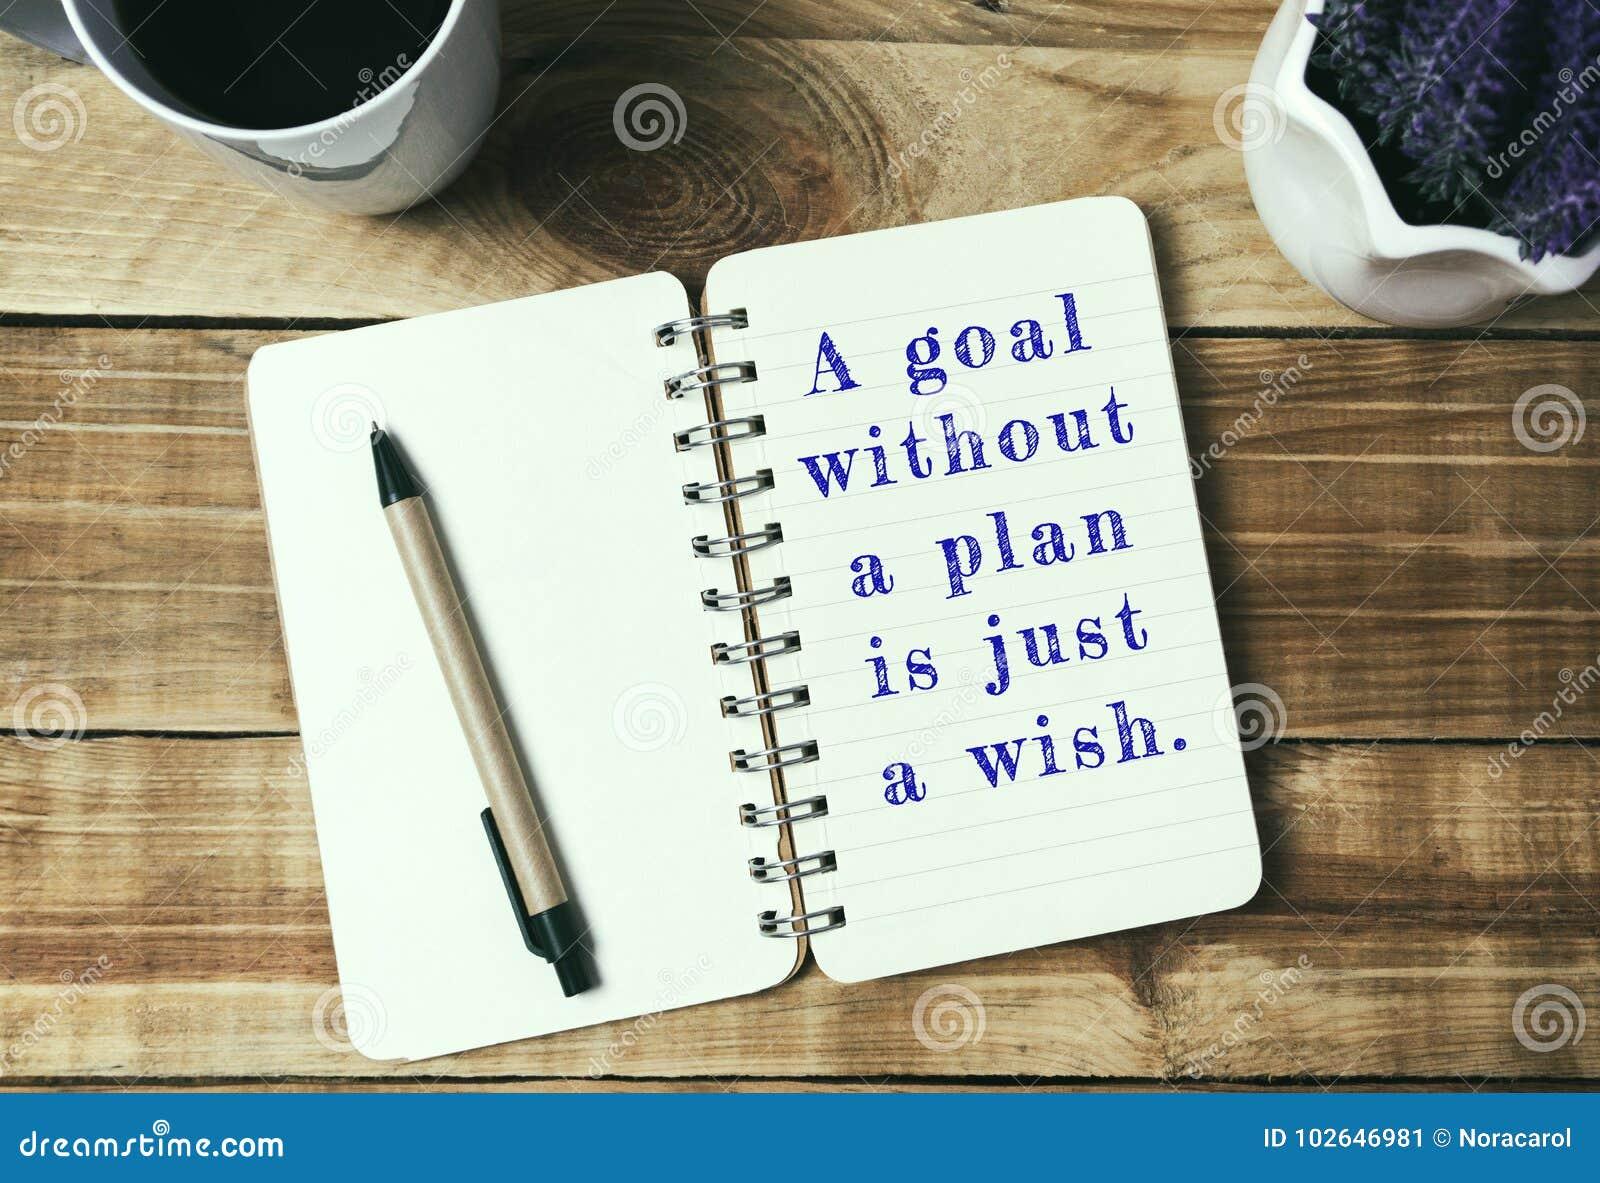 Цитаты - цель без плана как раз желание